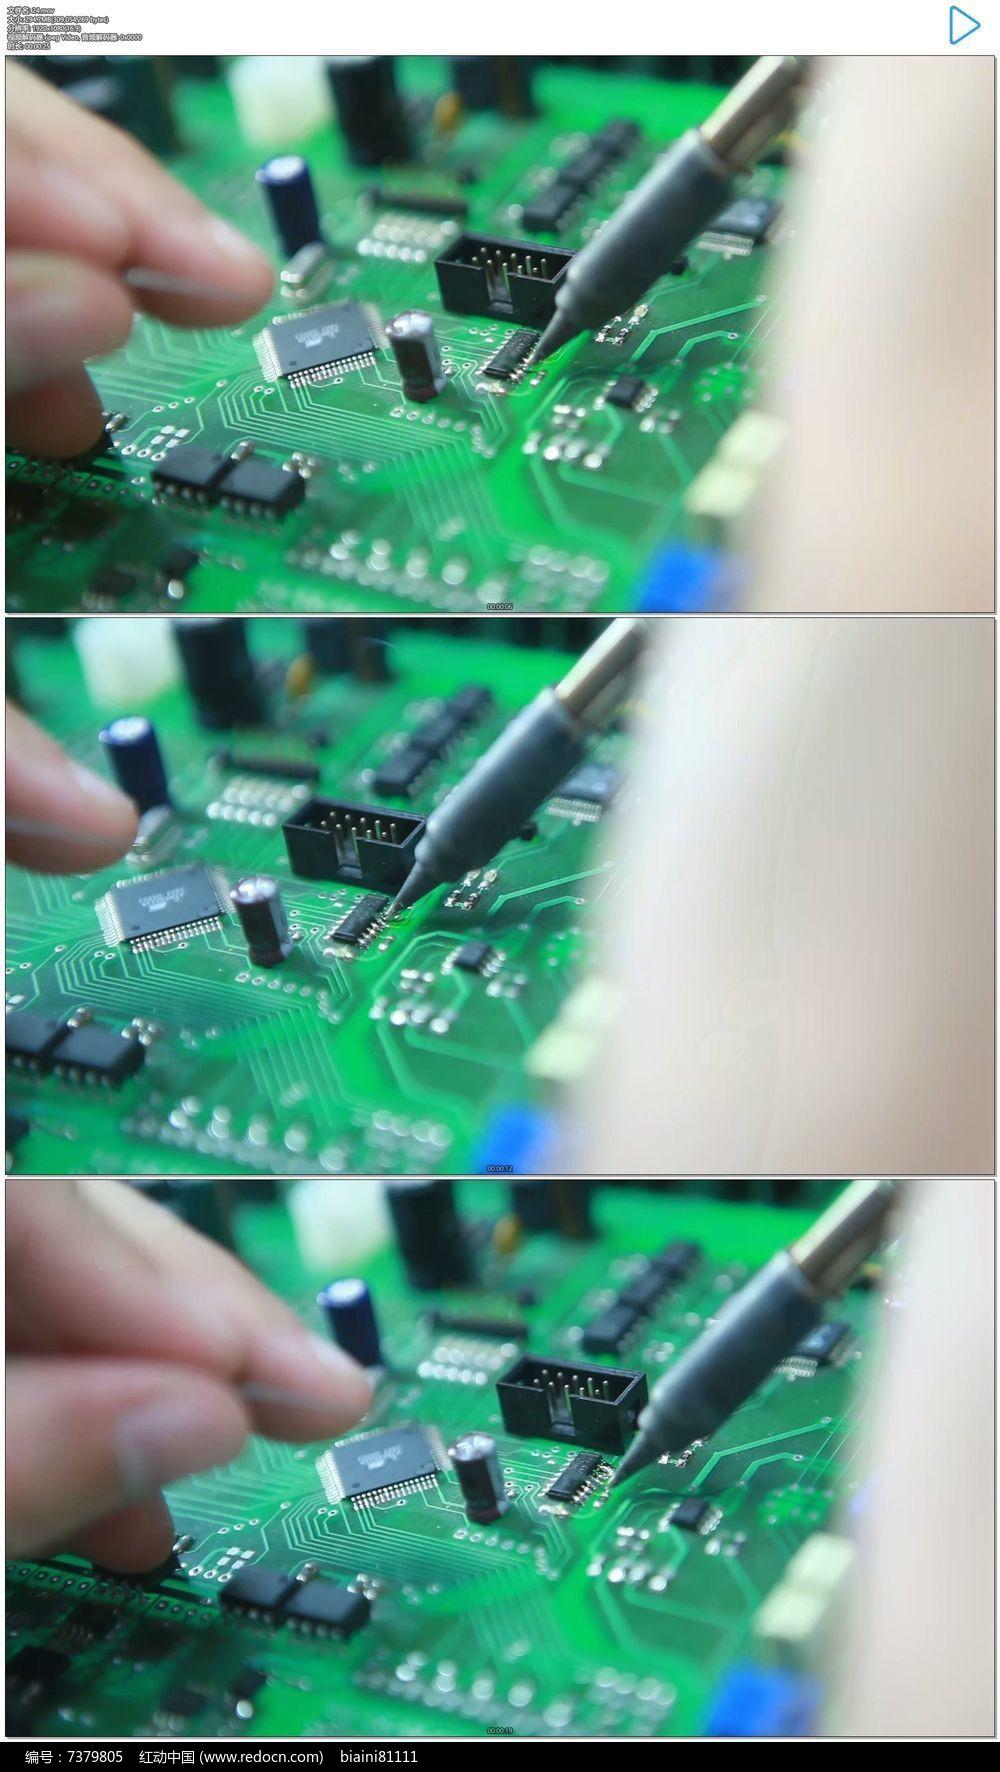 焊接电路板实拍视频素材